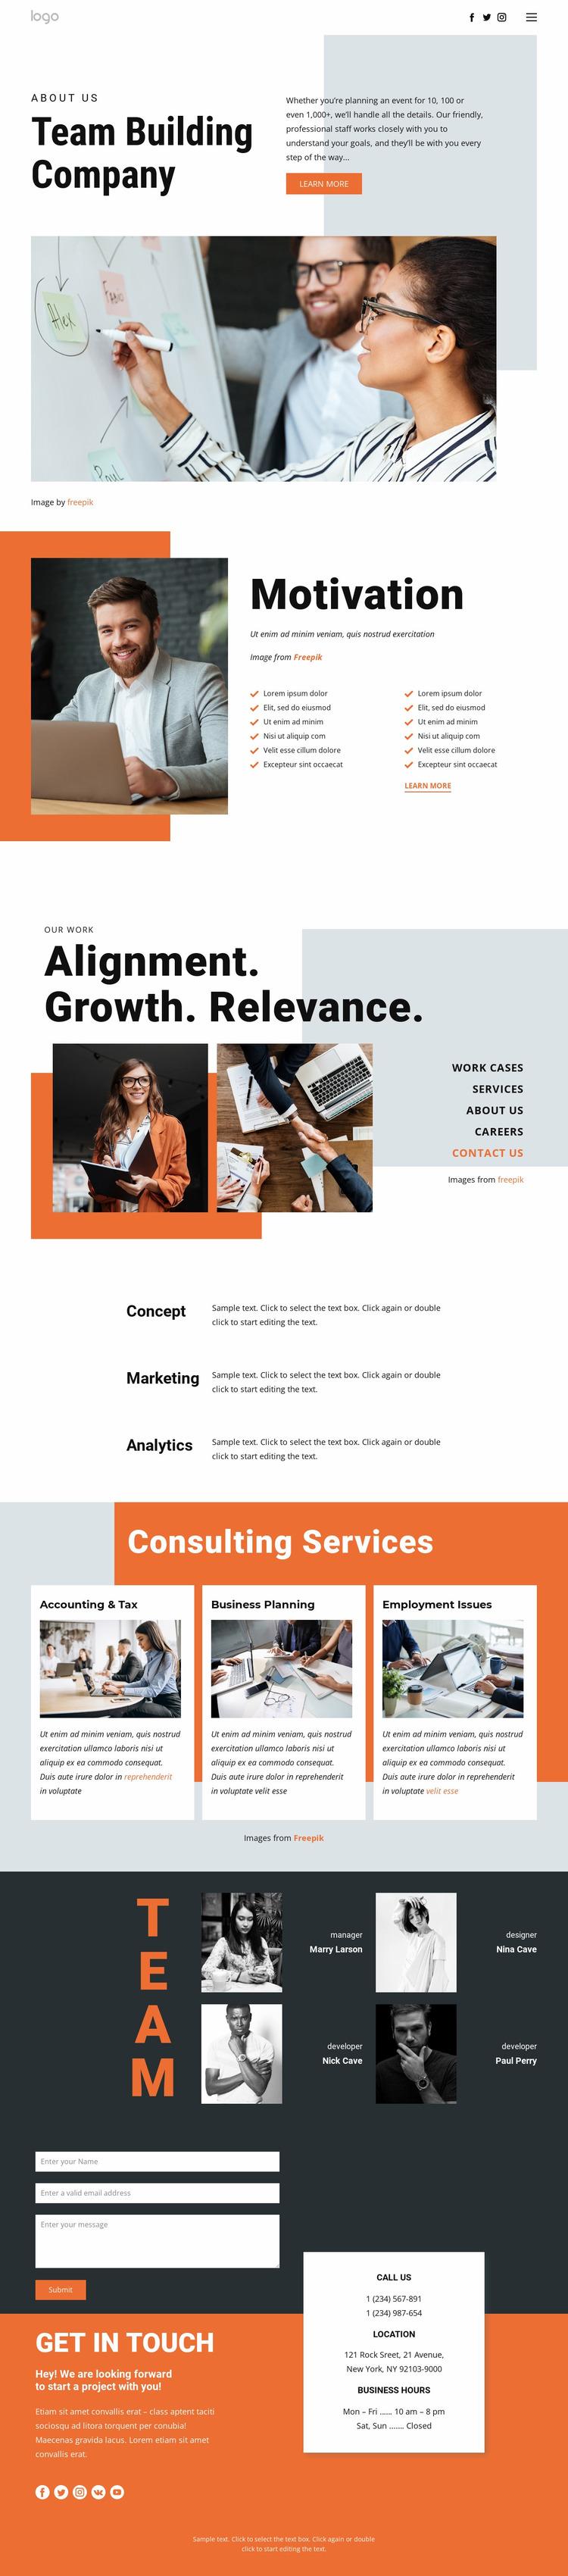 Team building for business Website Mockup